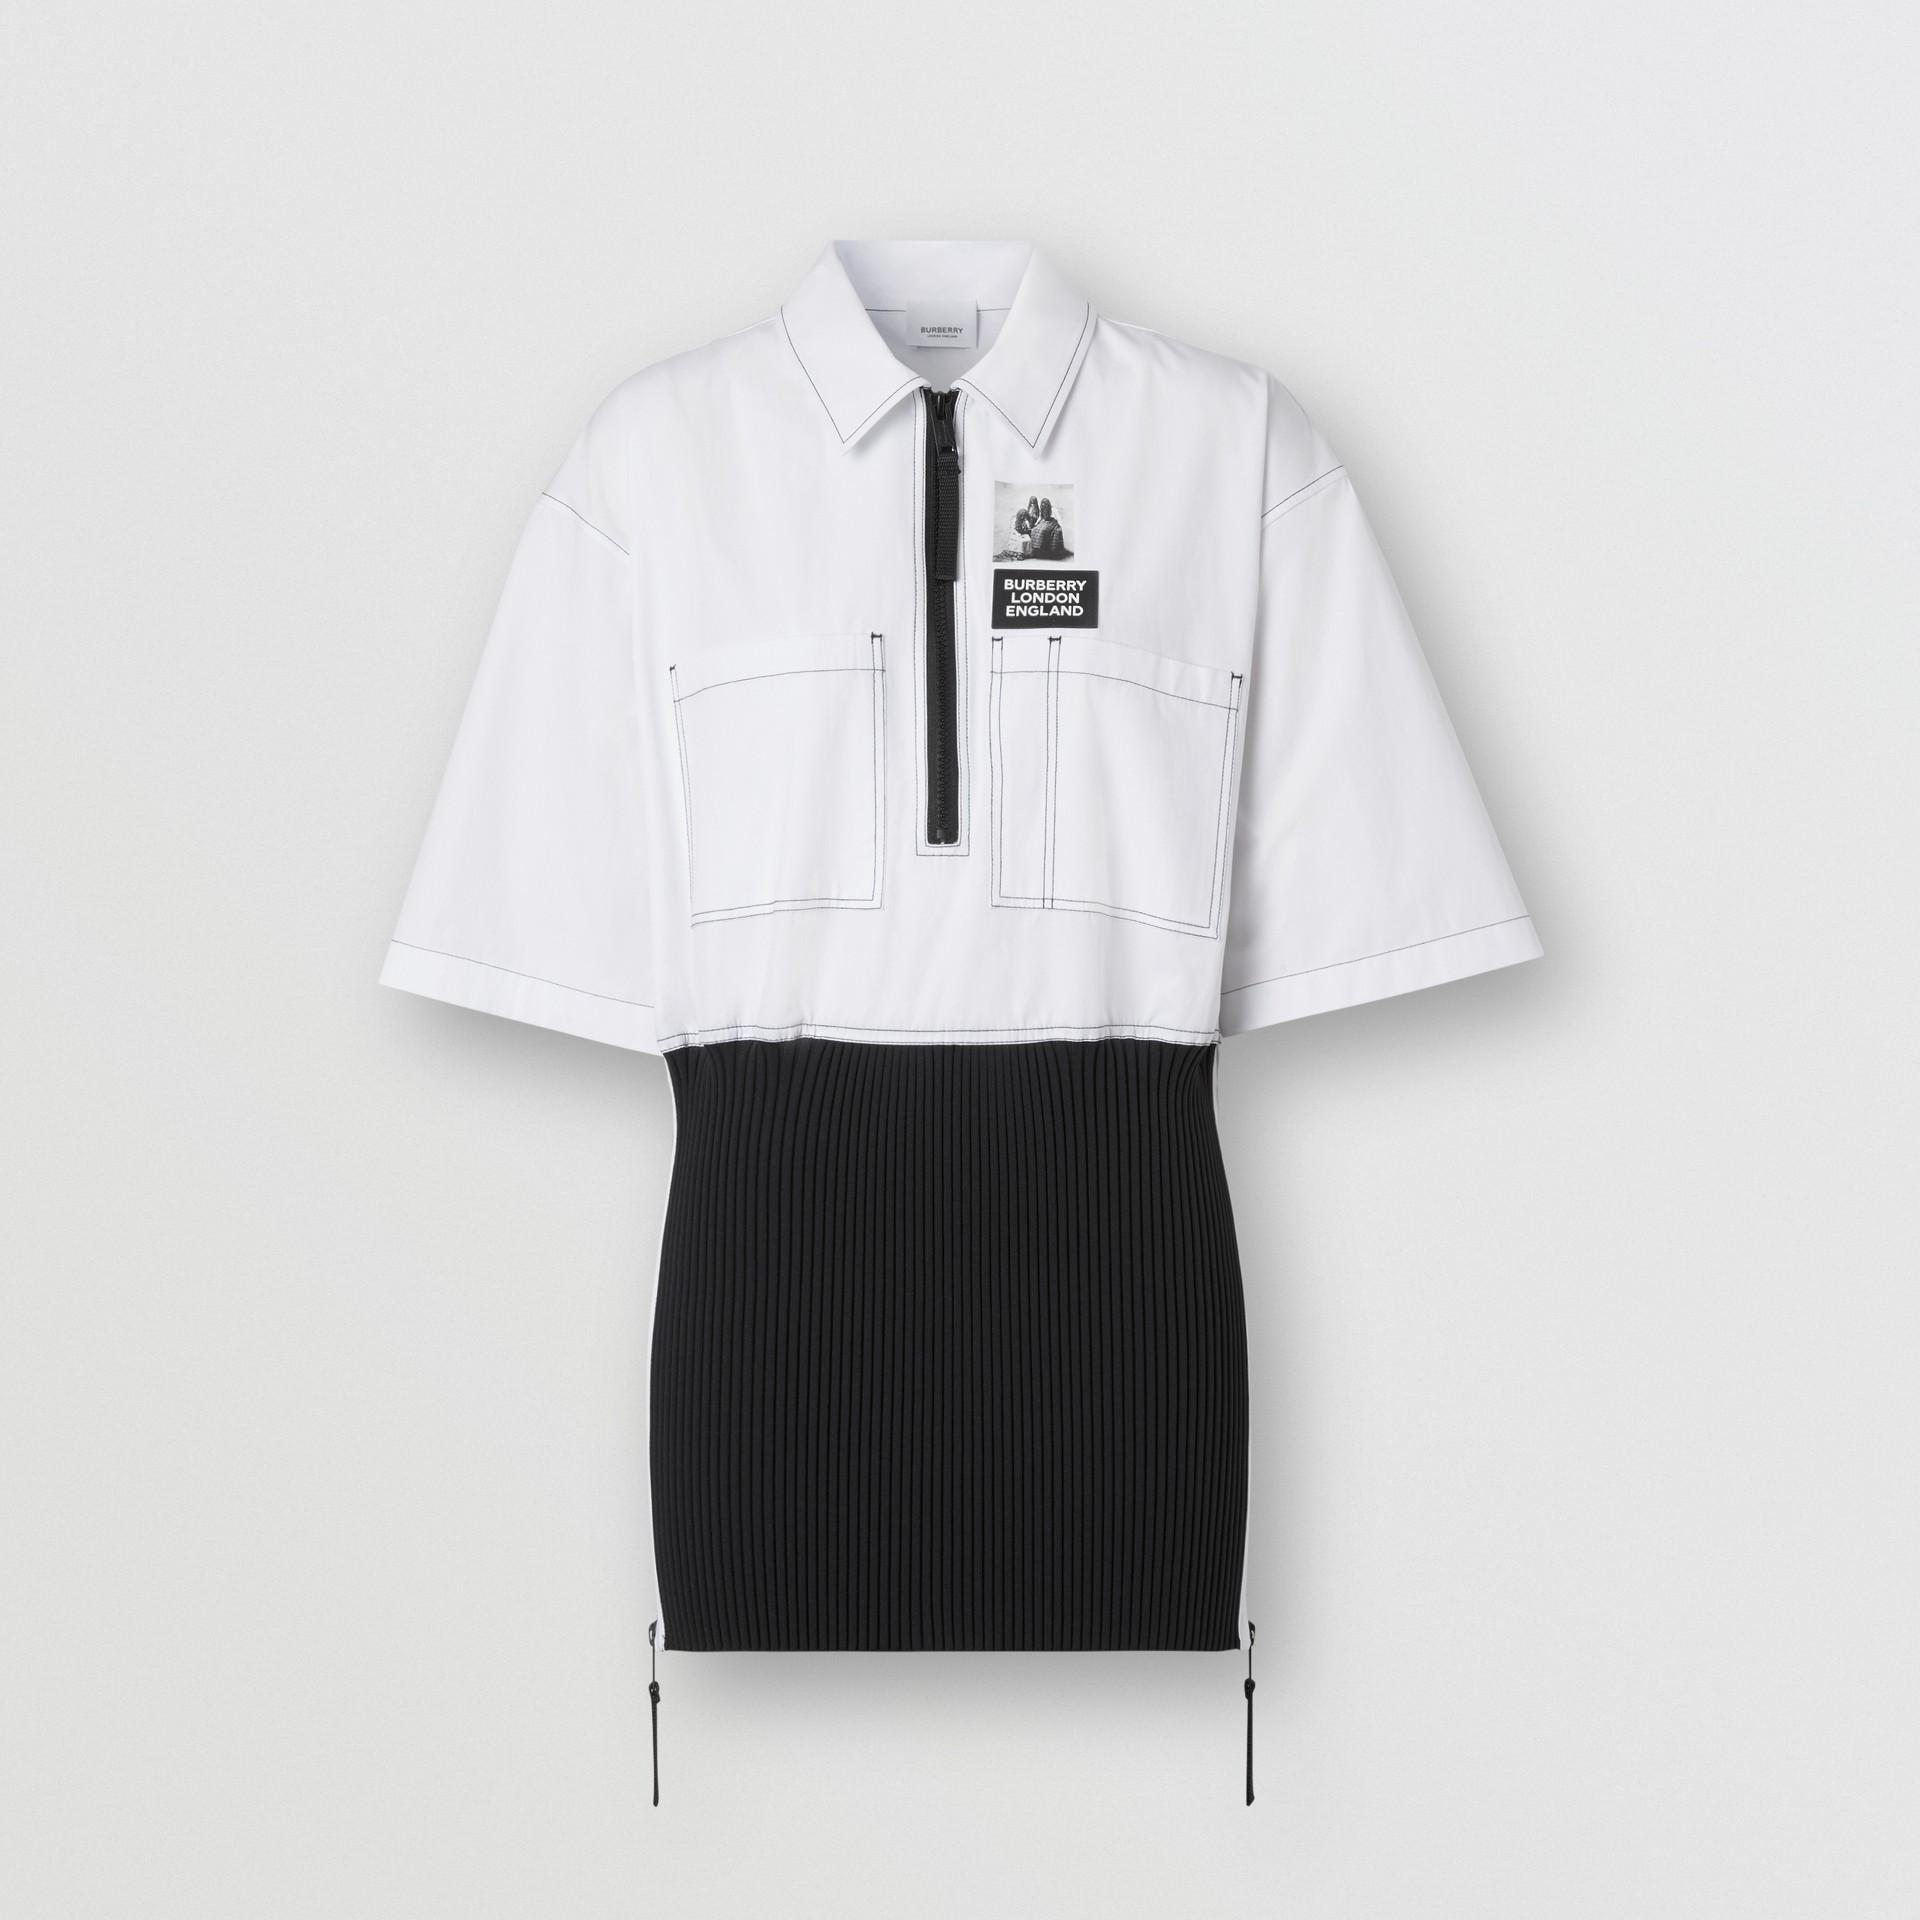 Объемная футболка с трикотажной отделкой (Оптический Белый) - Для женщин | Burberry - изображение 4